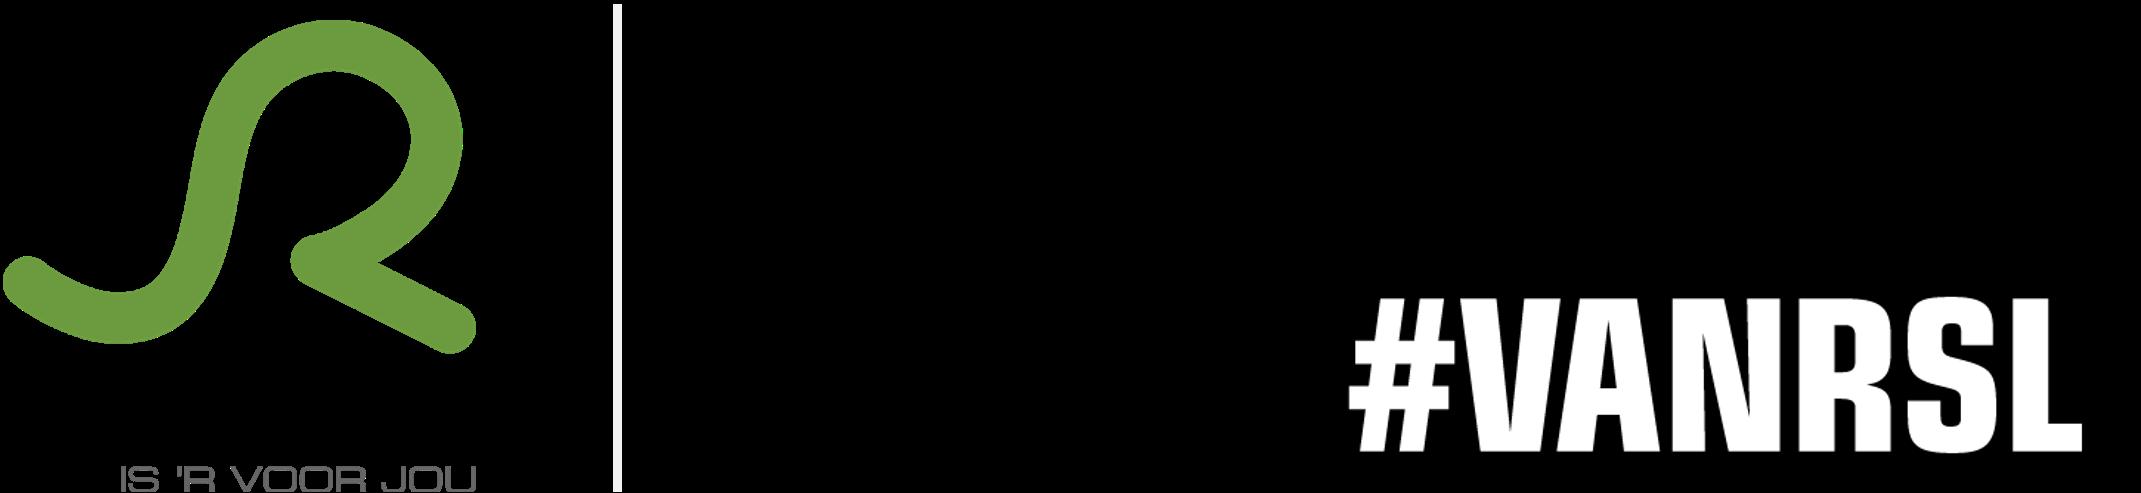 Logo Sport #VANRSL